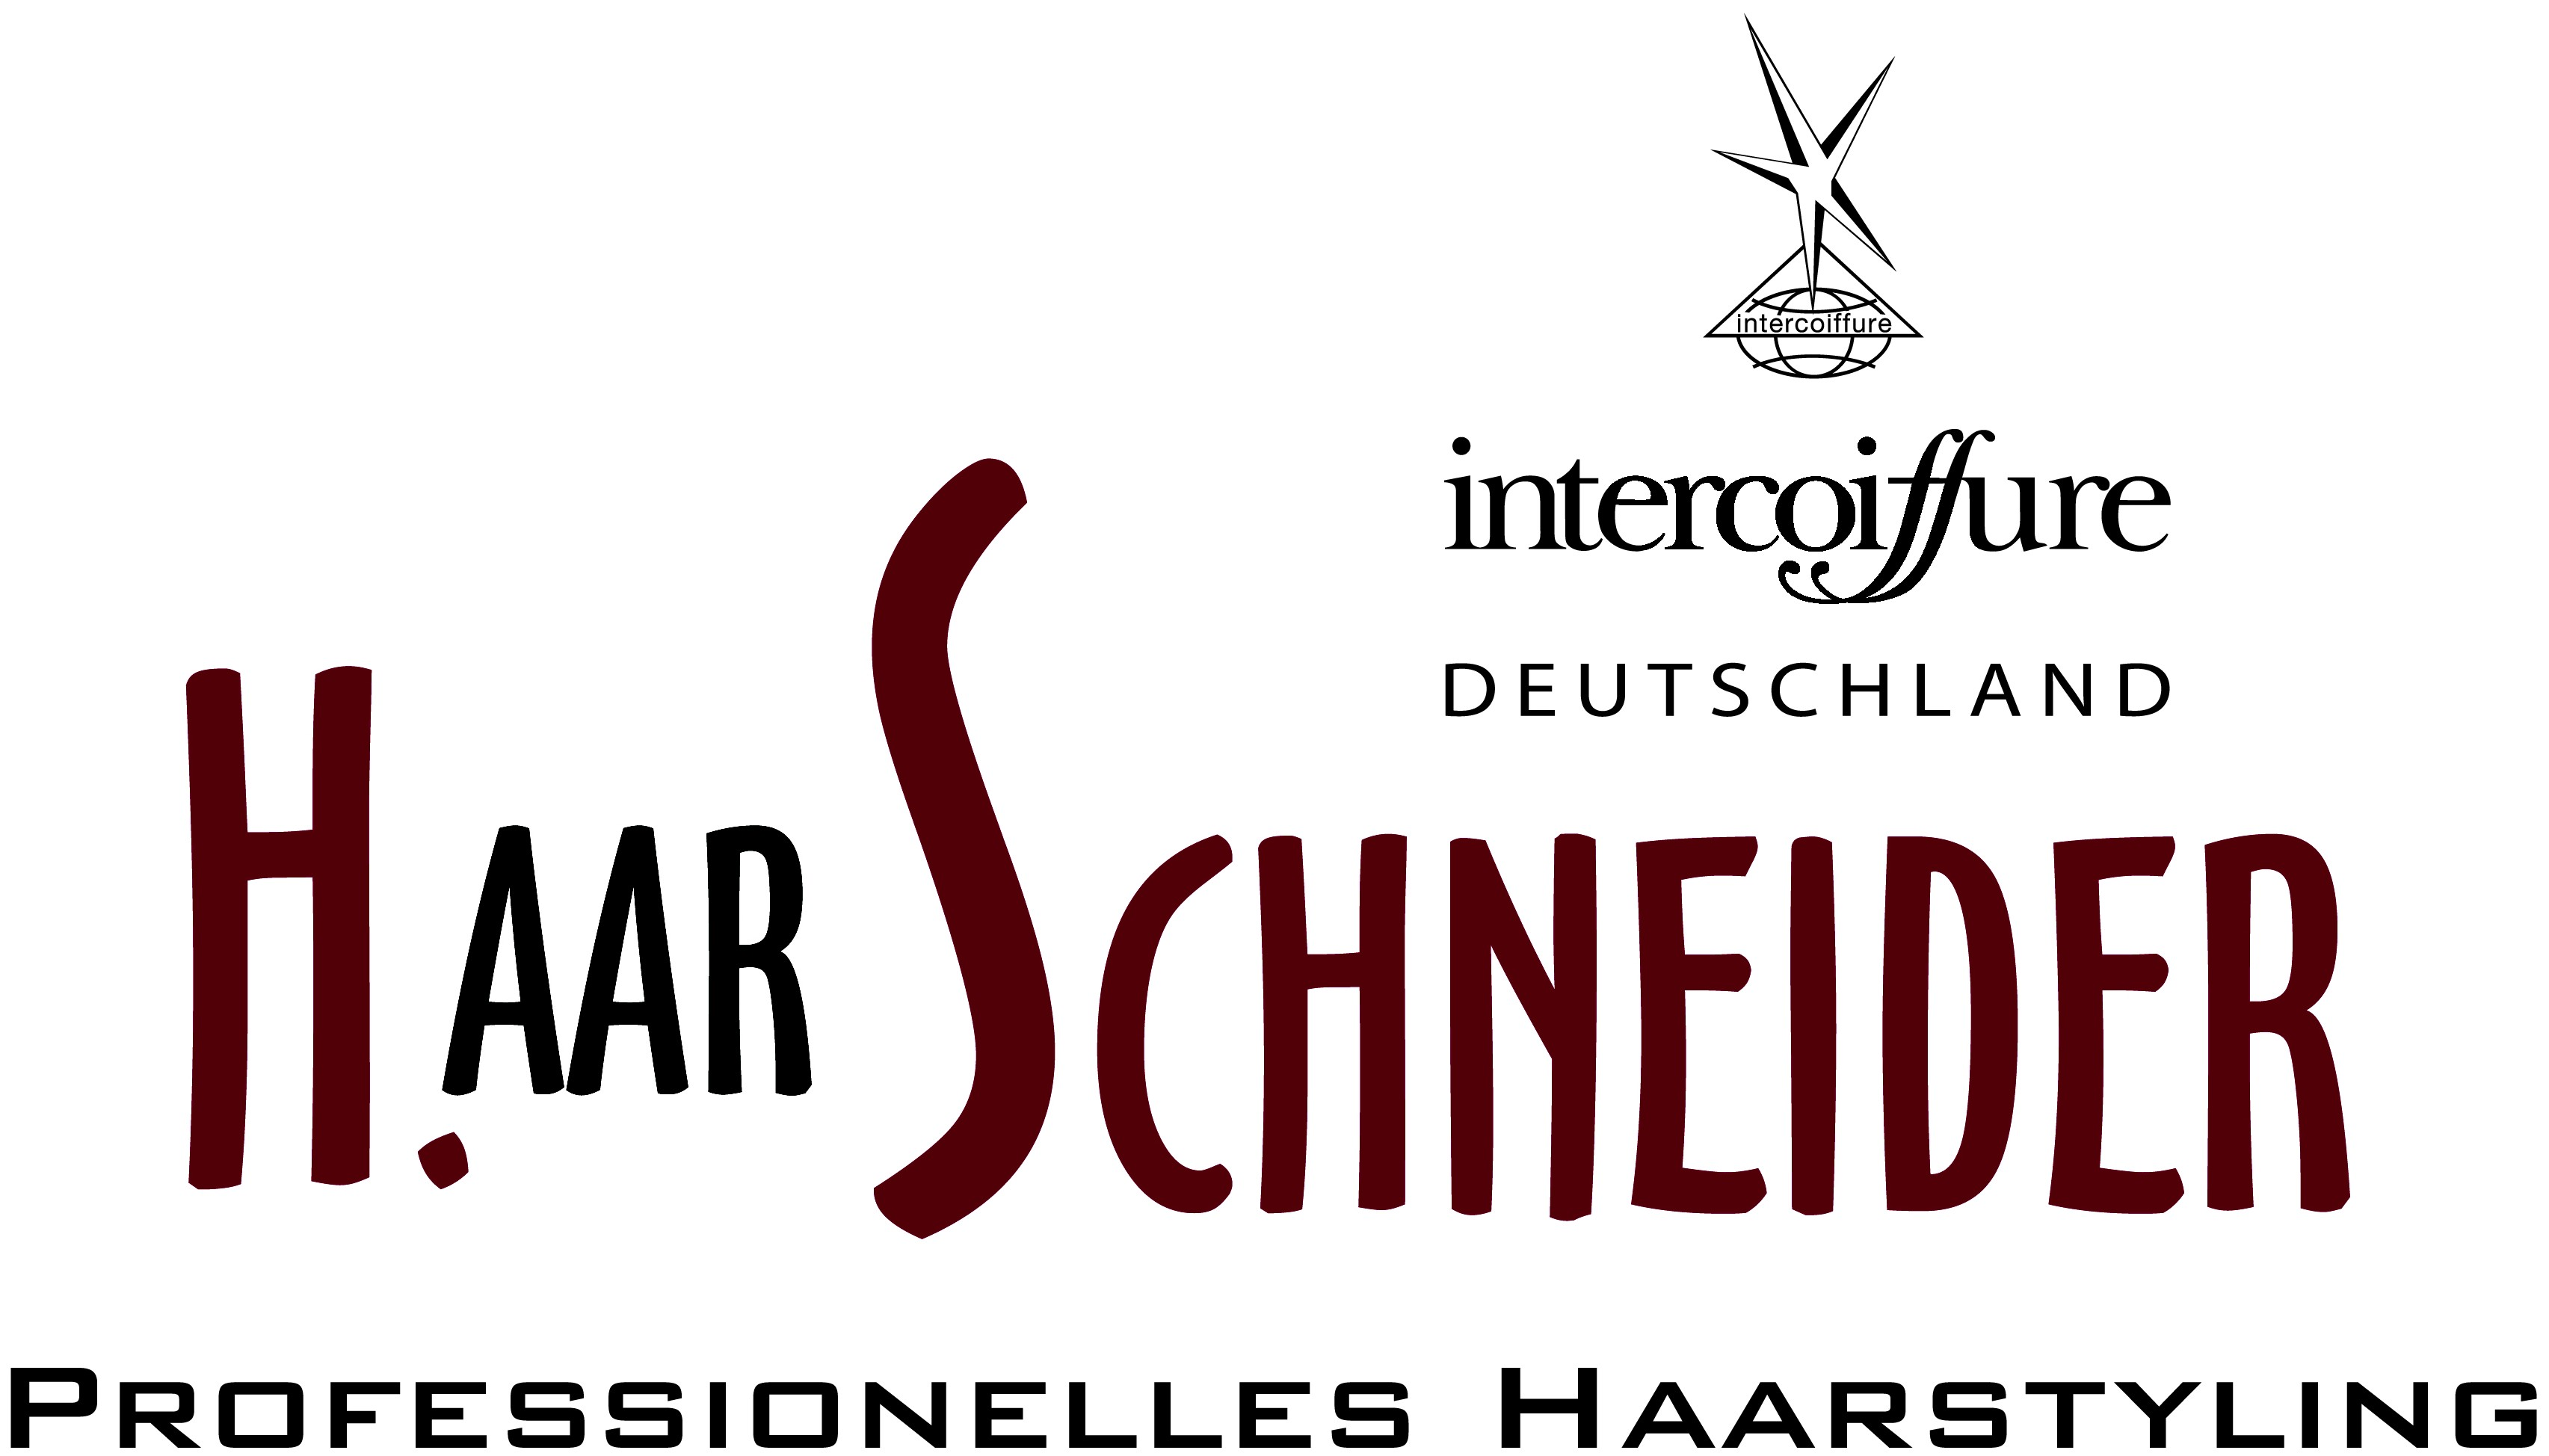 haarschneider_logo_claim_4c145971855